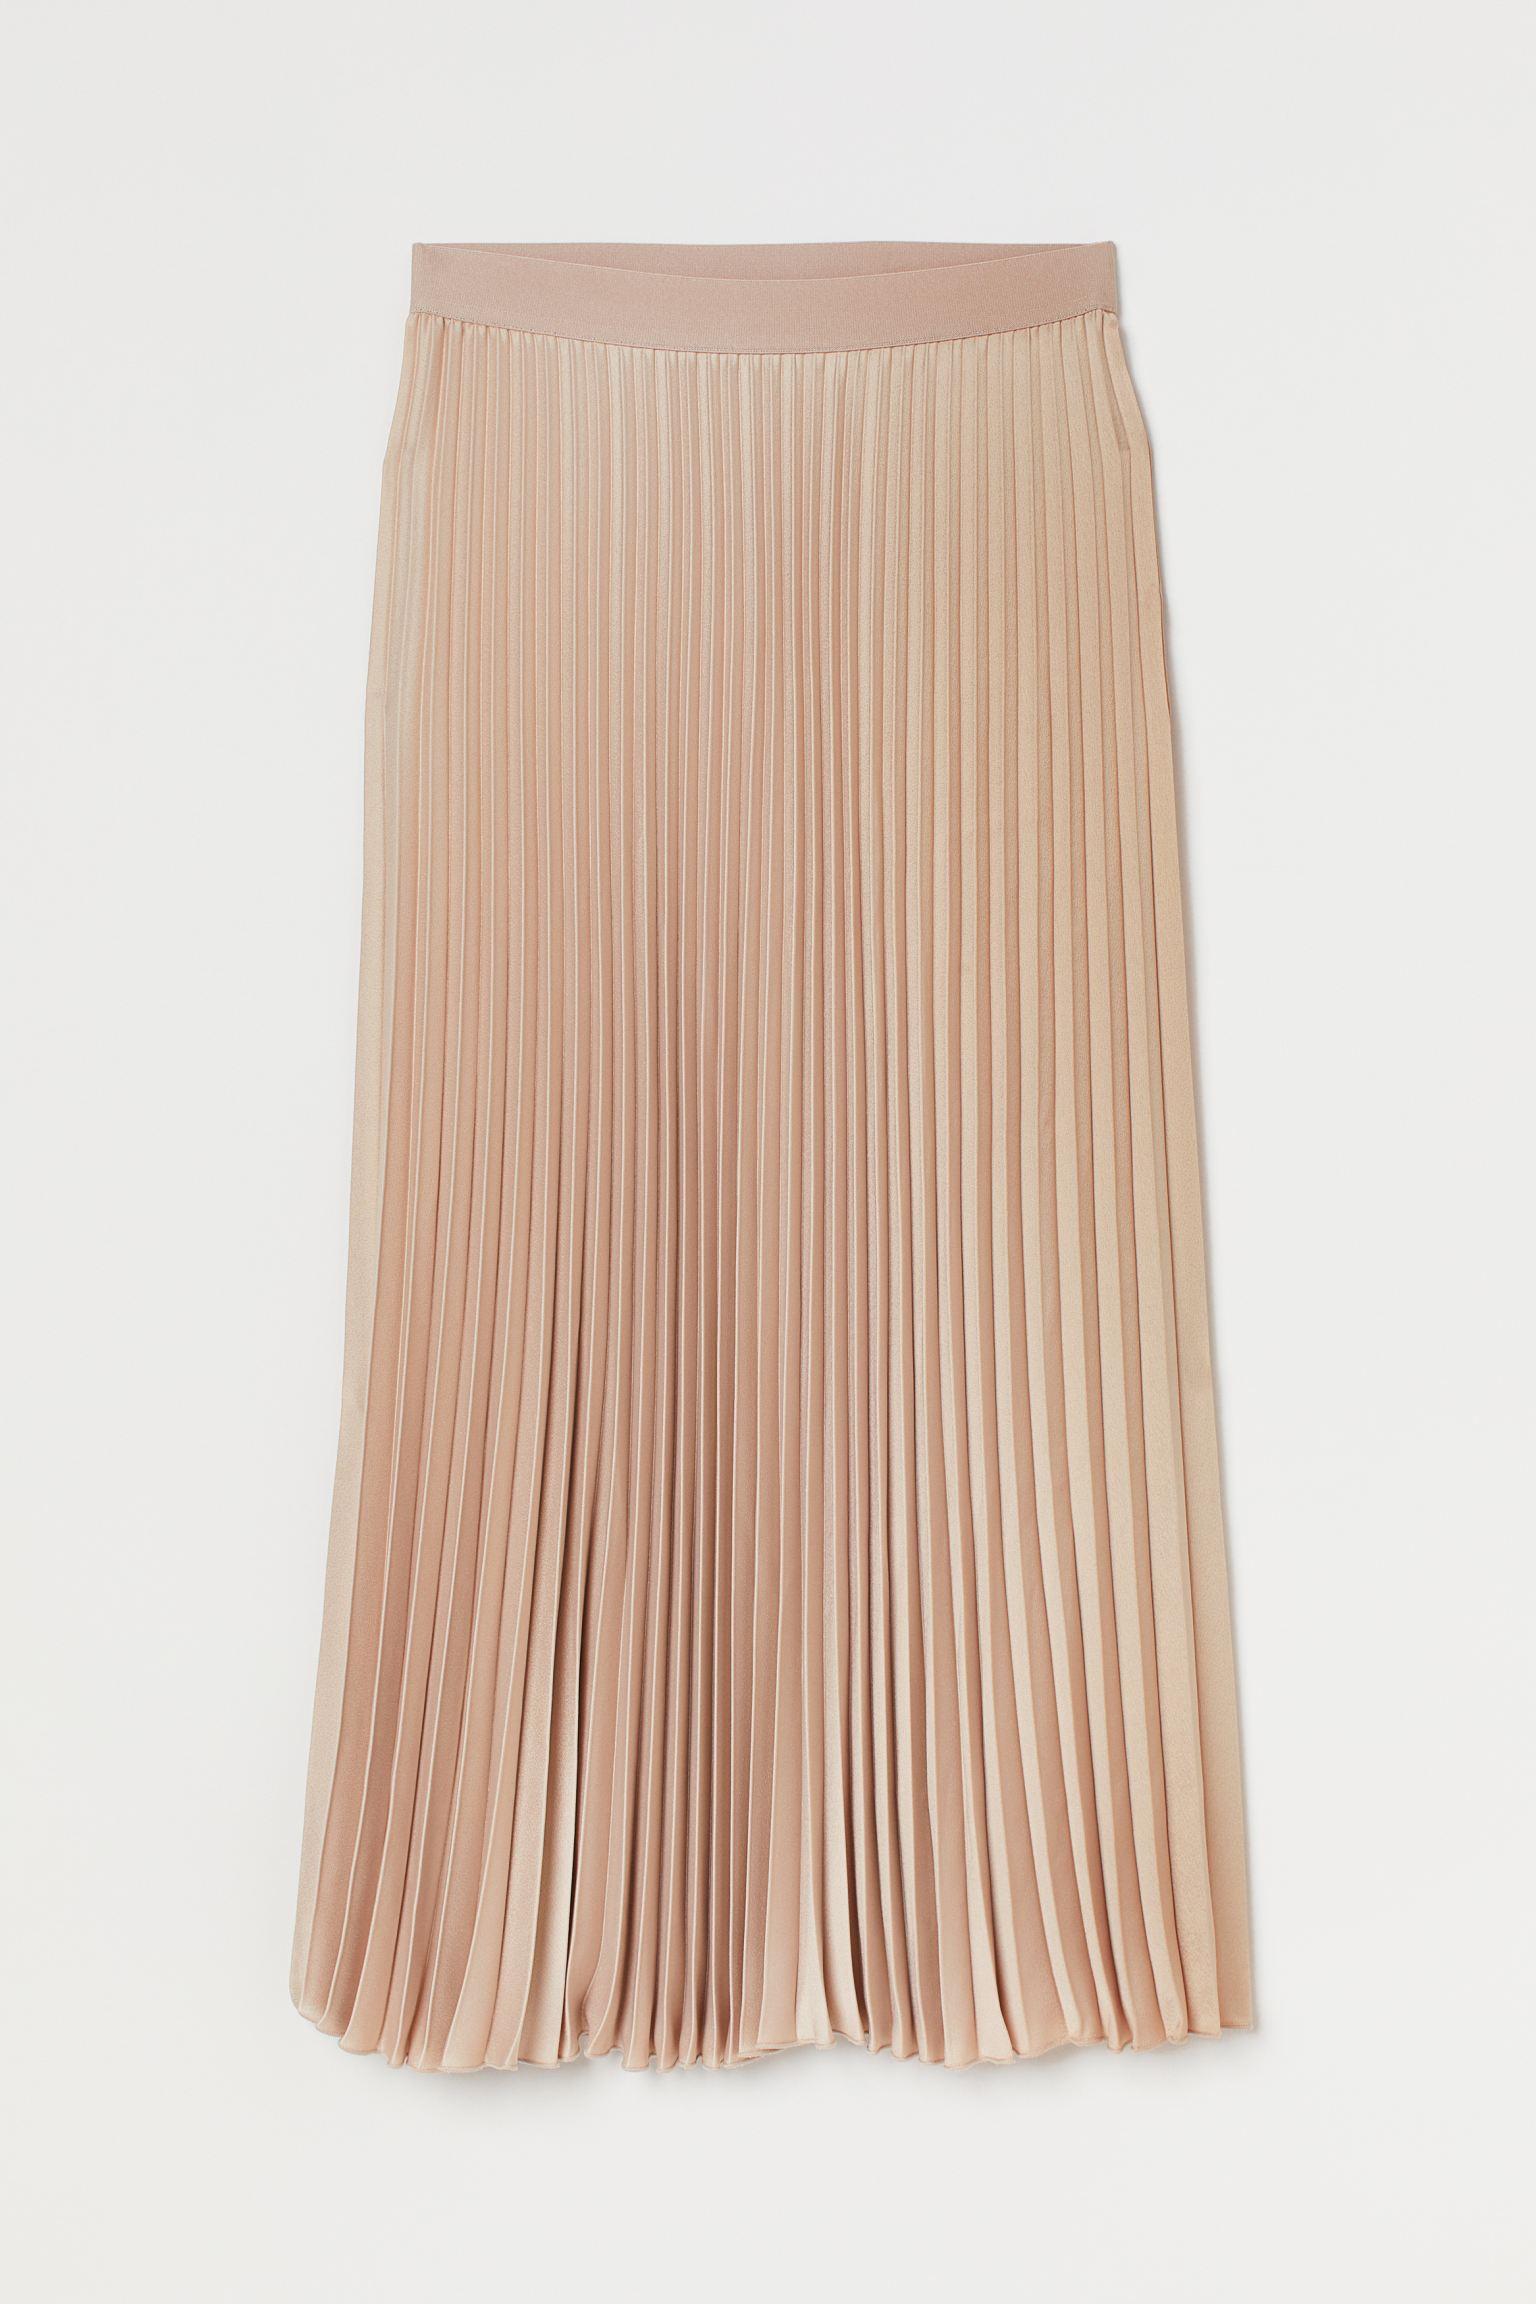 Falda midi plisada con ligero brillo. Modelo de talle alto con cintura elástica y bajo sobrehilado.